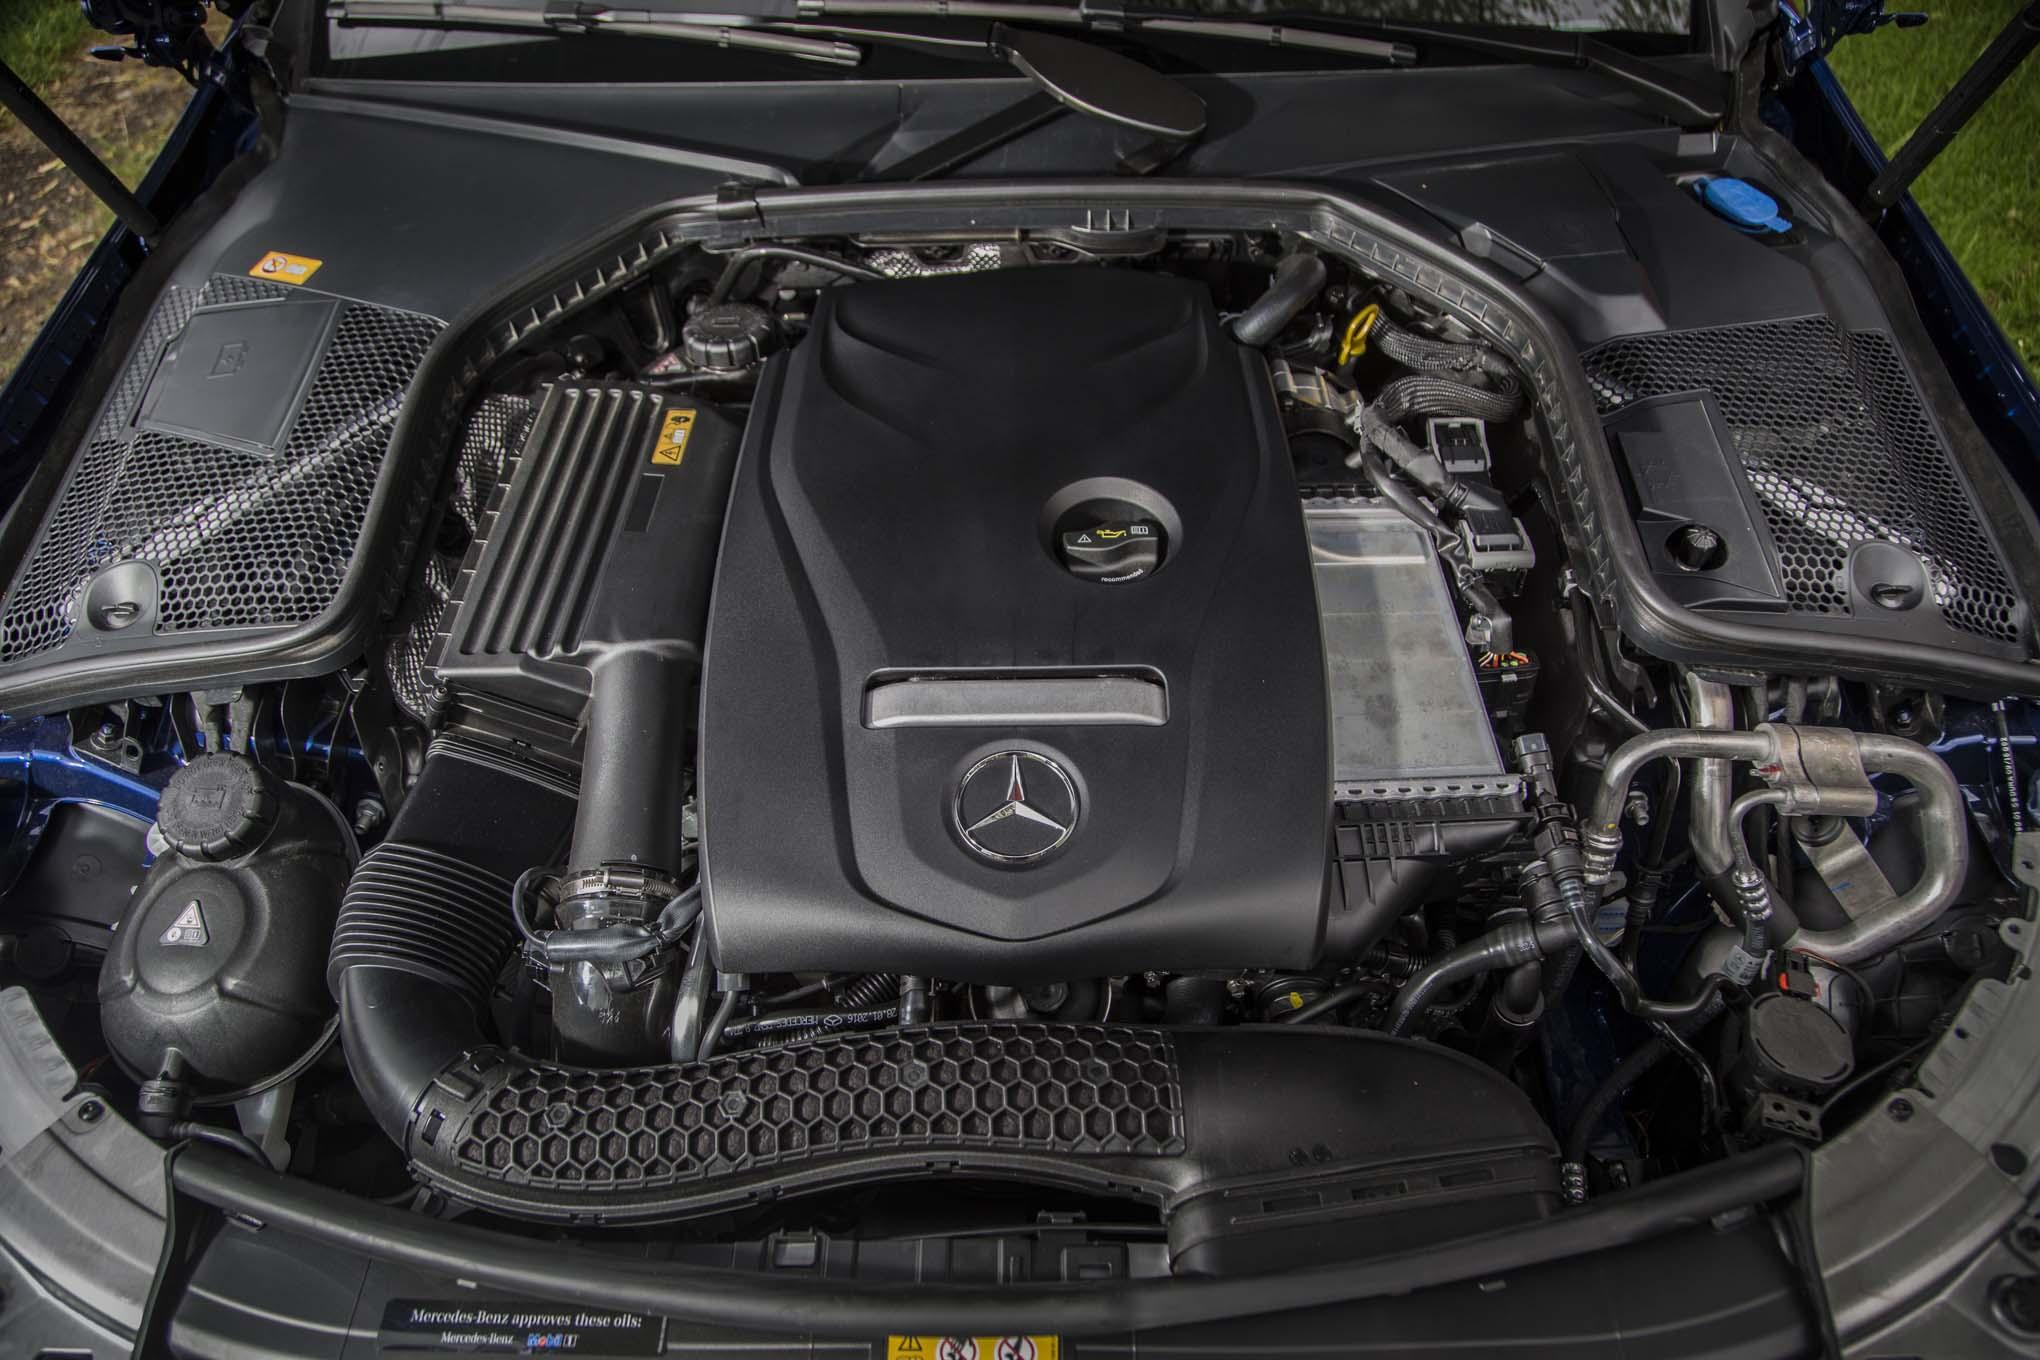 Mercedes c300 dimensions